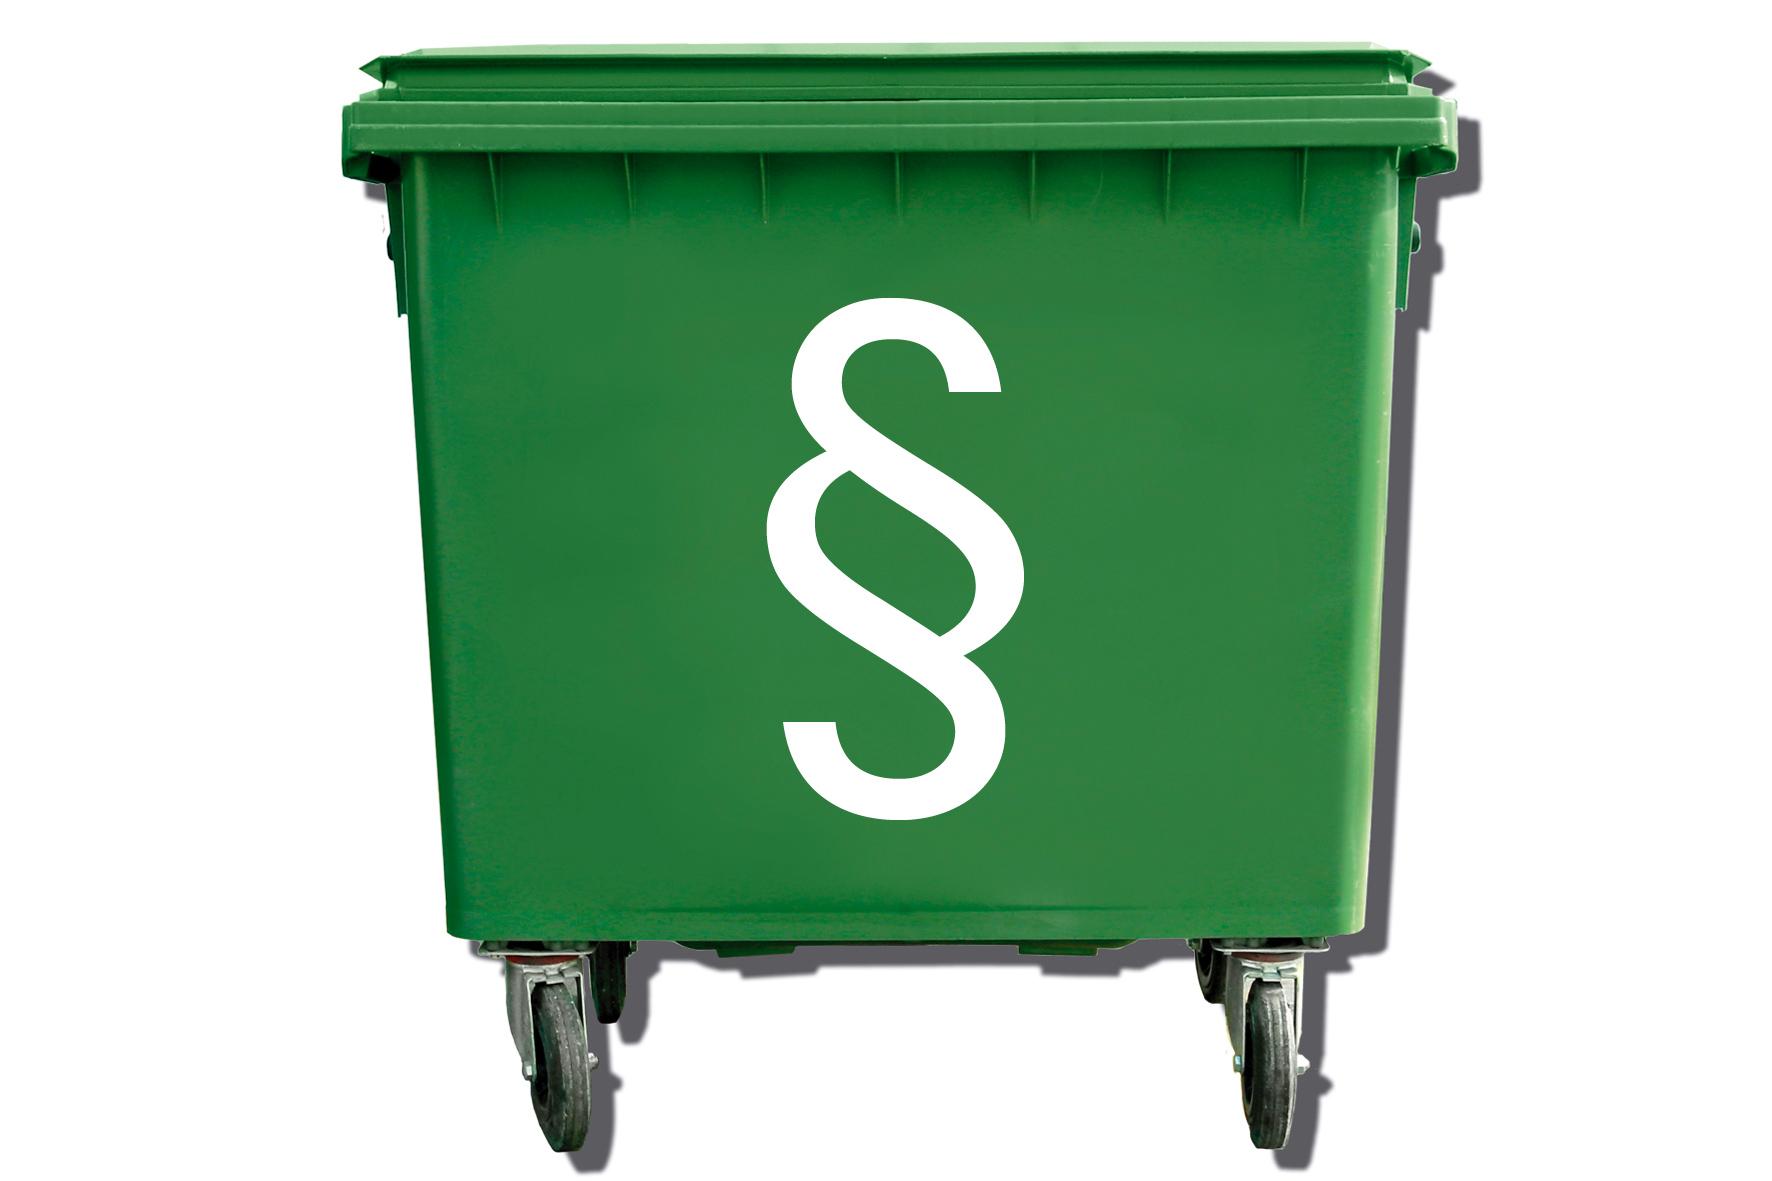 Firmy muszą informować o wytworzonych odpadach